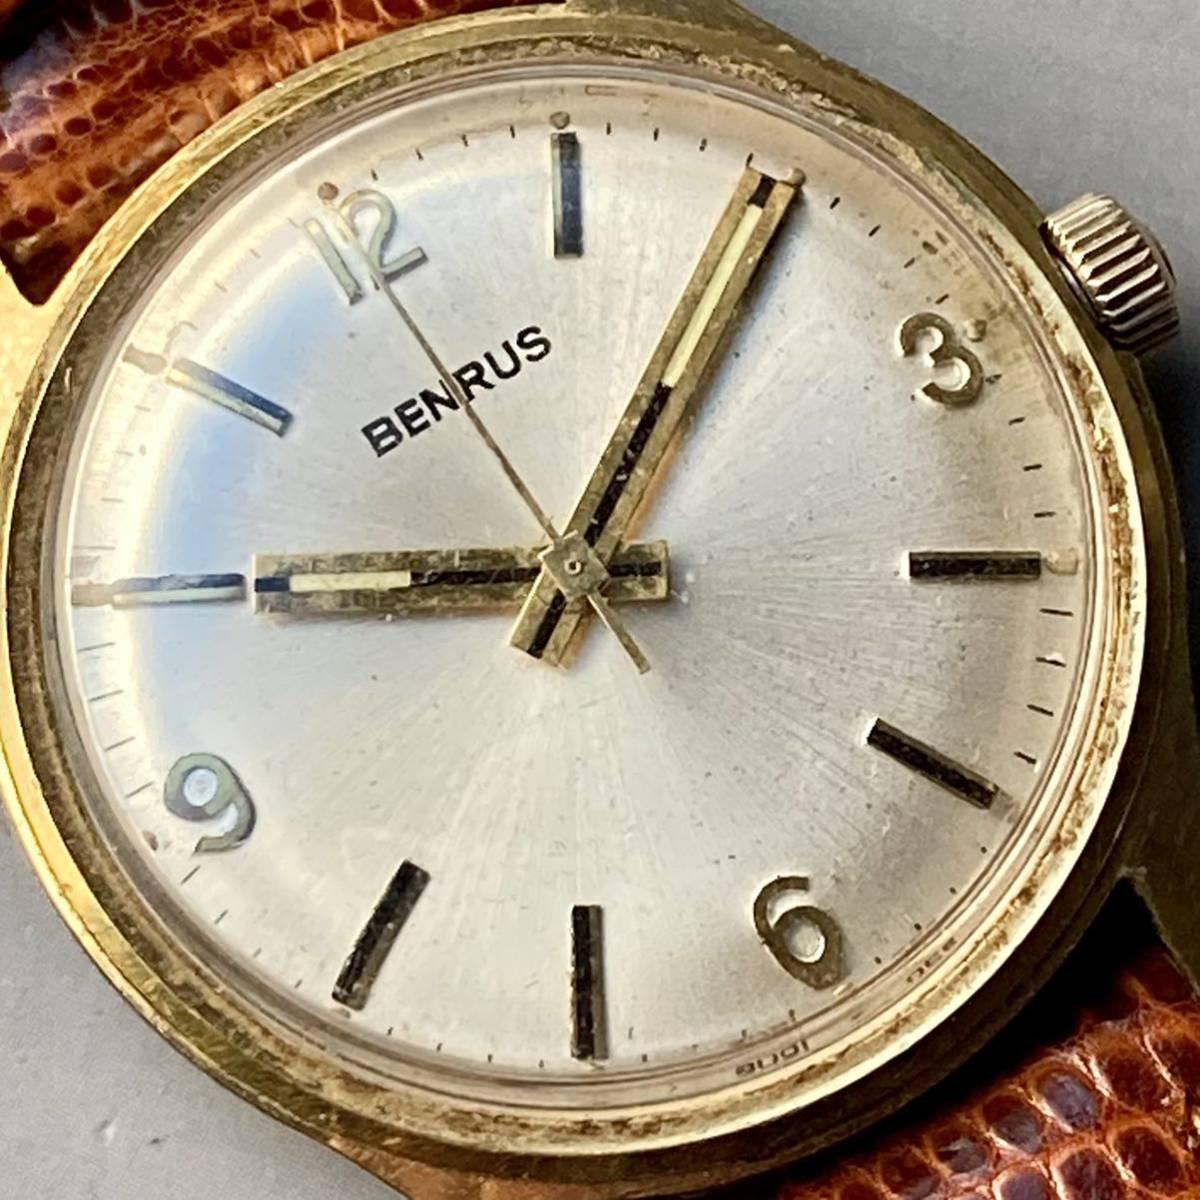 美品★動作良好★BENRUS ベンラス アンティーク 腕時計 メンズ 手巻き ケース径33㎜ ビンテージ ウォッチ 男性 レトロ_画像3